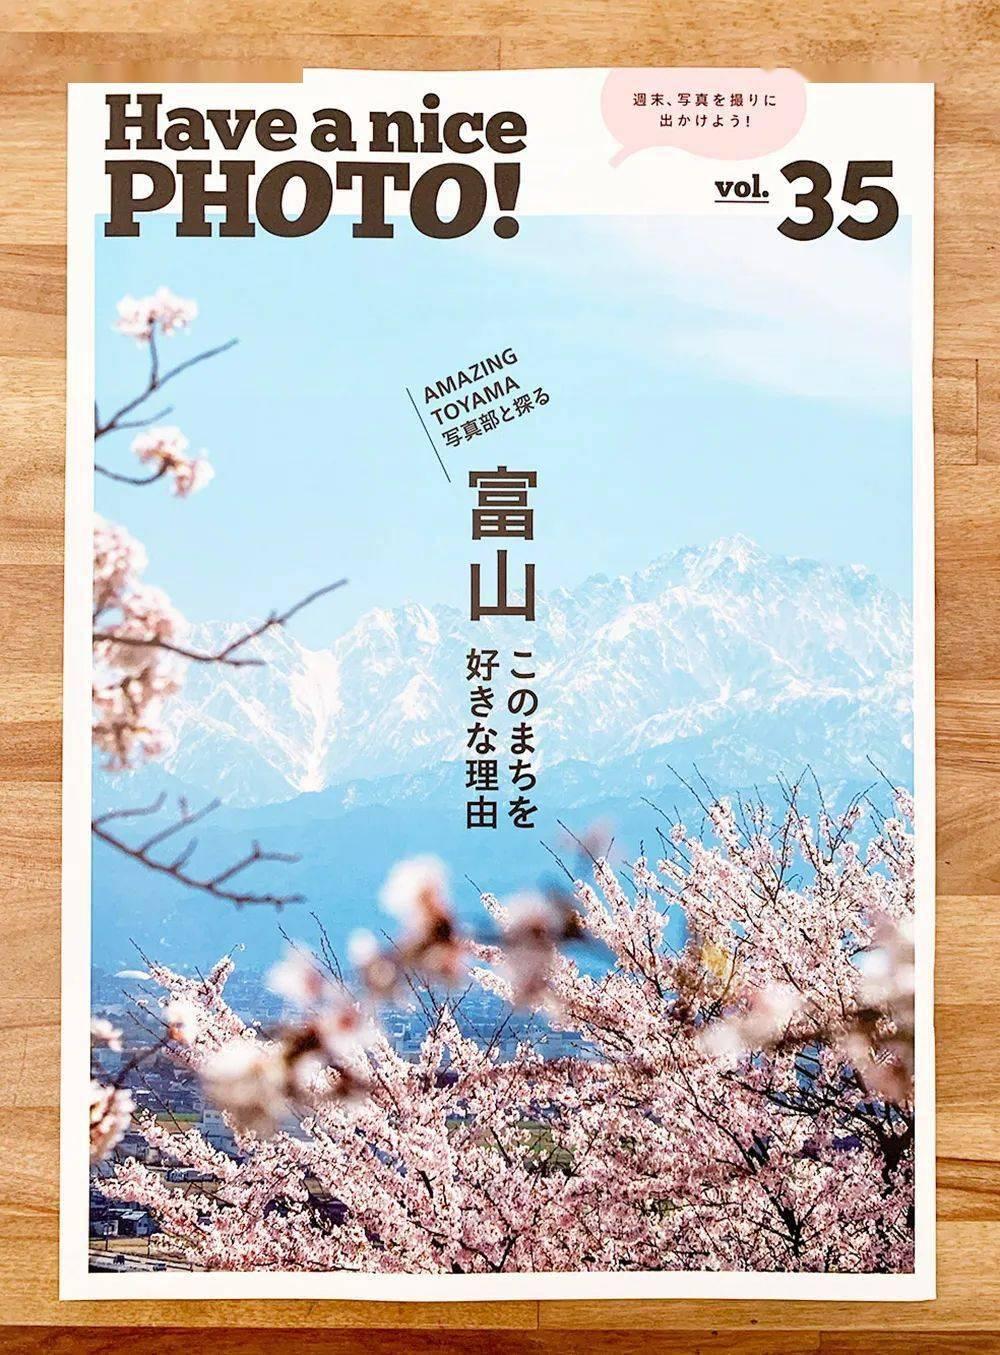 海报 | 轻松惬意的日本杂志封面设计欣赏!